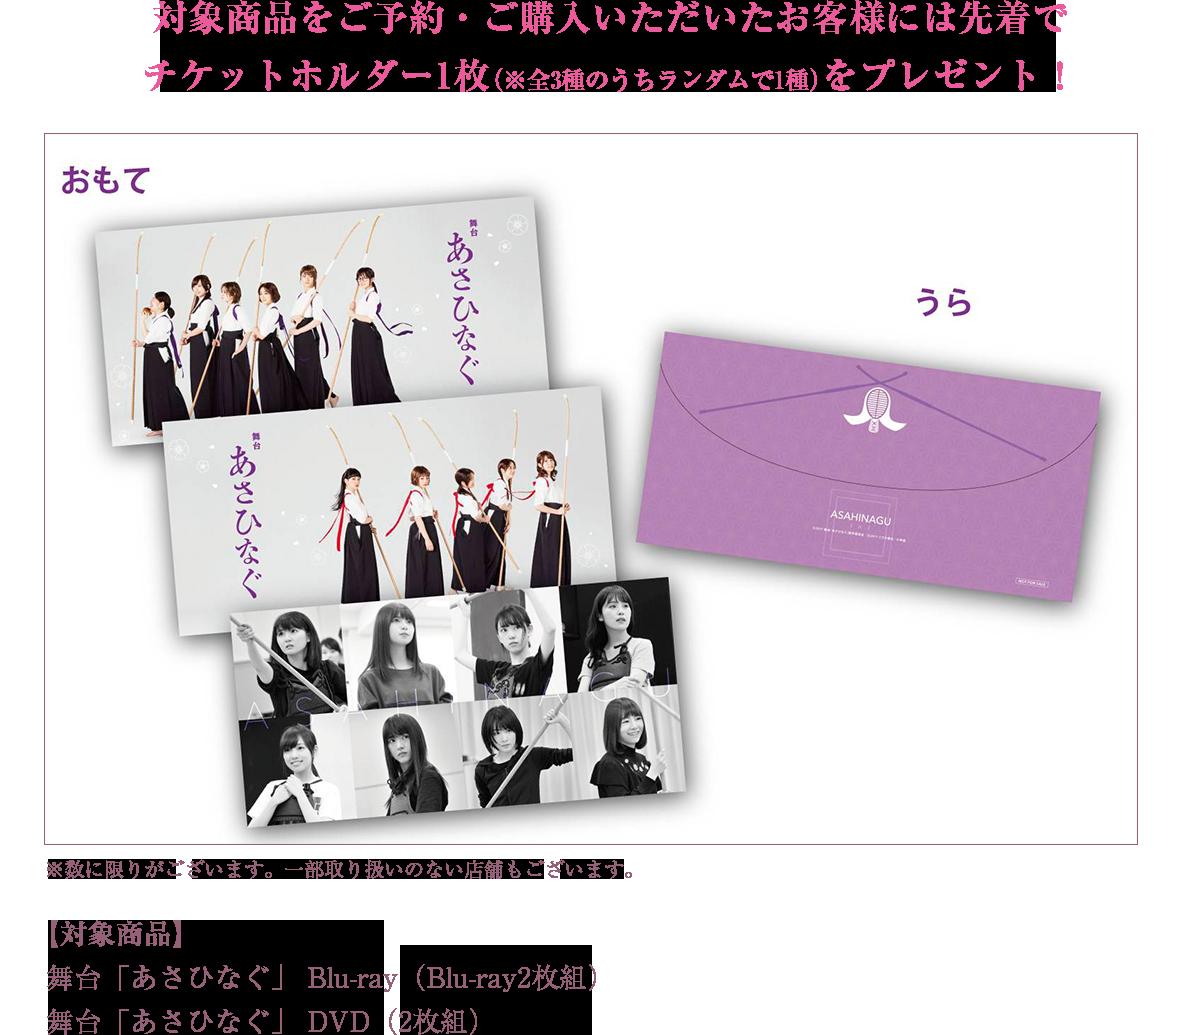 舞台『あさひなぐ』Blu-ray&DVD2